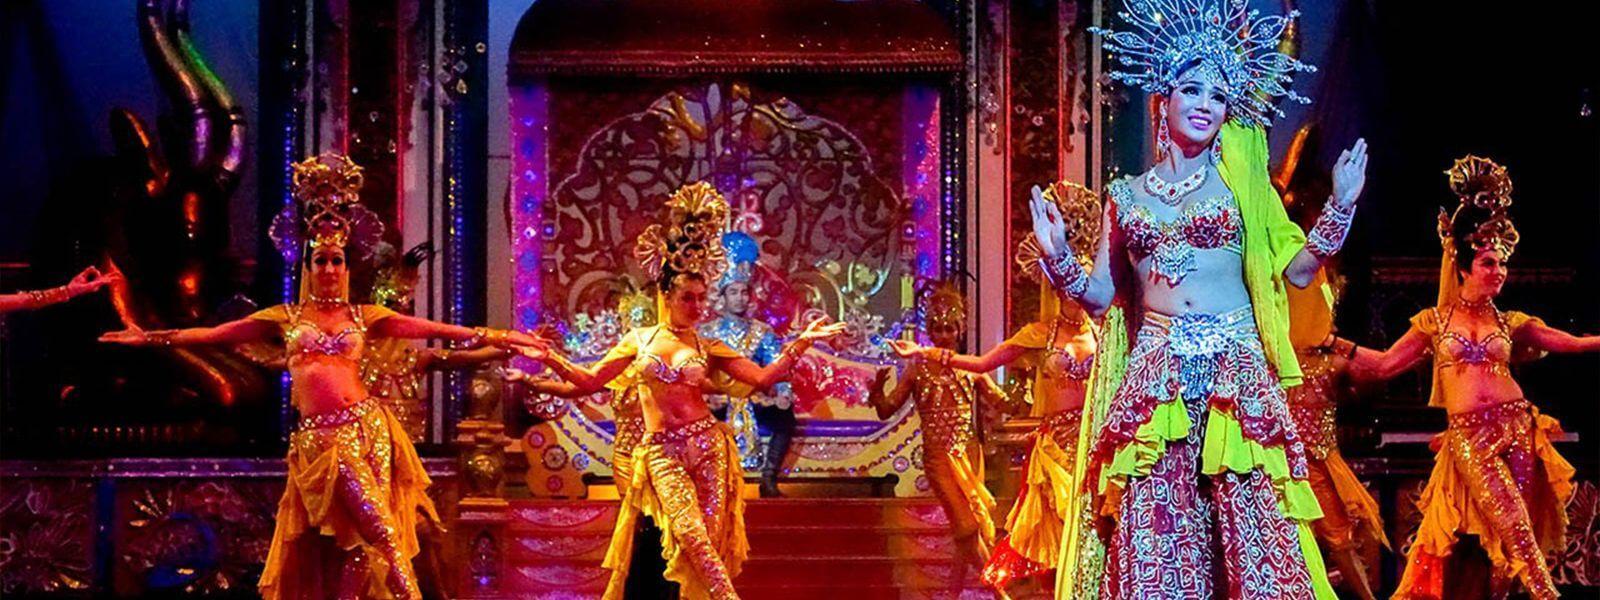 di chuyển từ Bangkok đến Pattaya